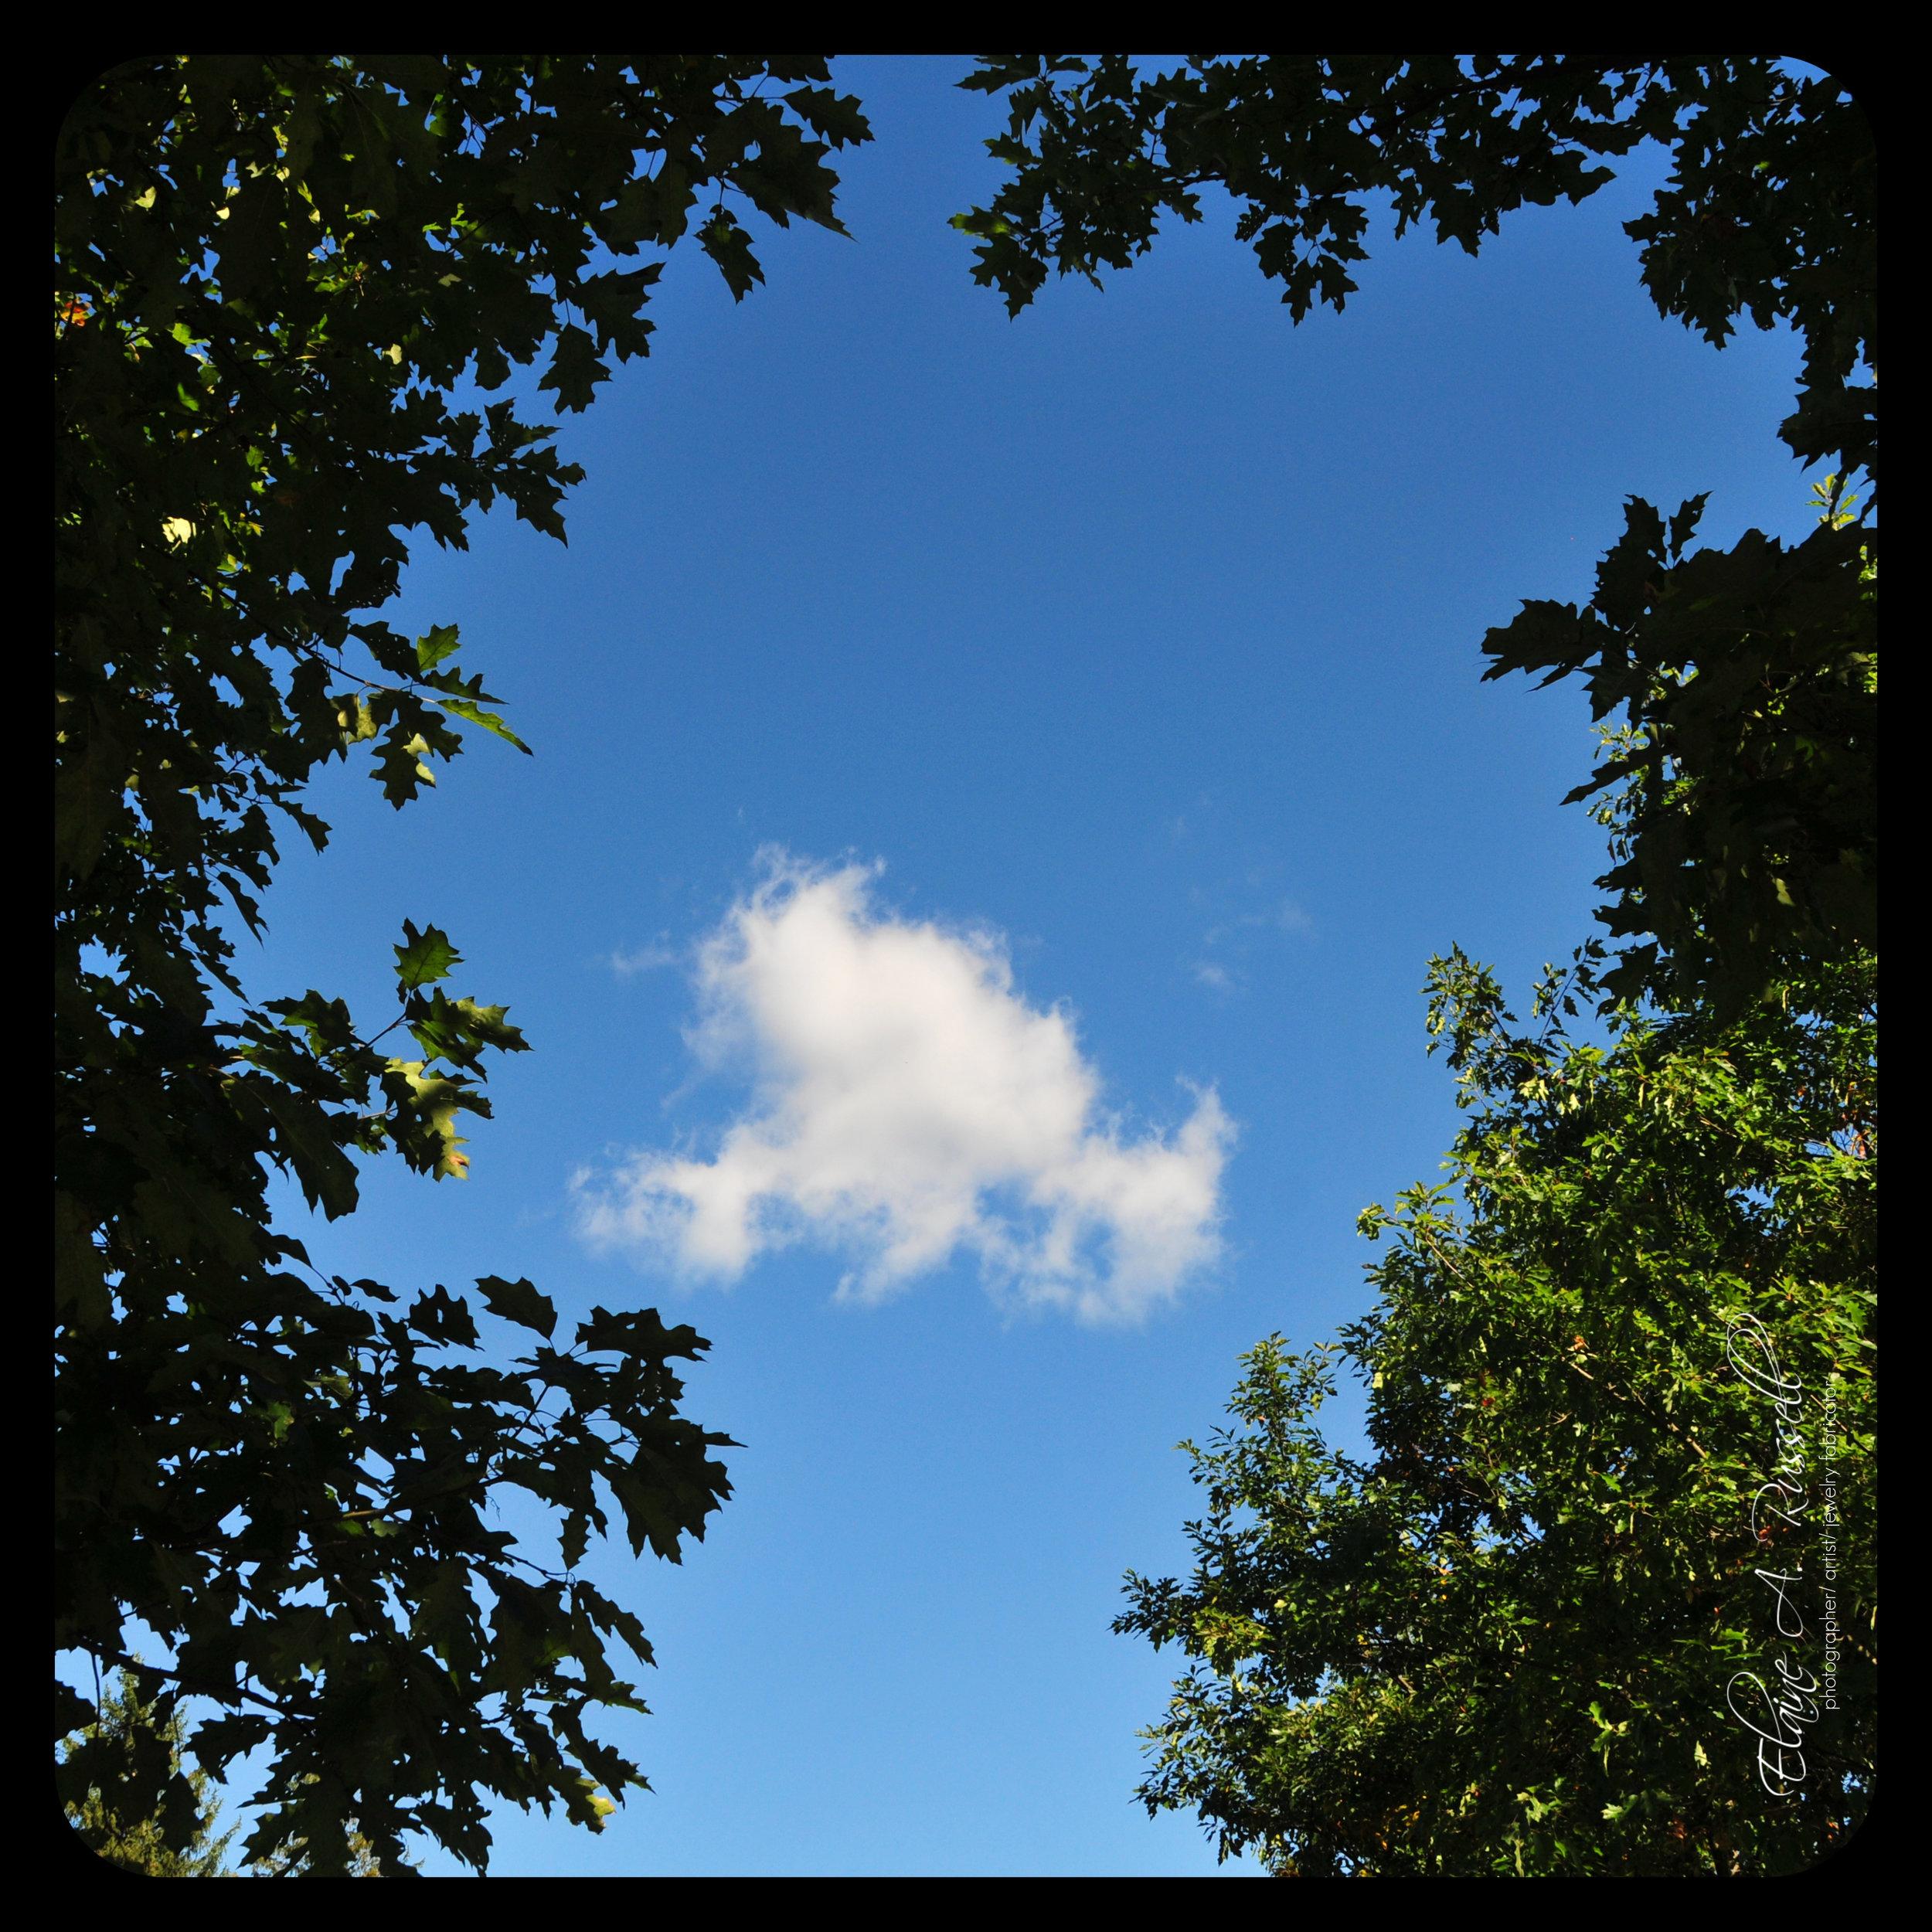 CloudInTheSky.jpg